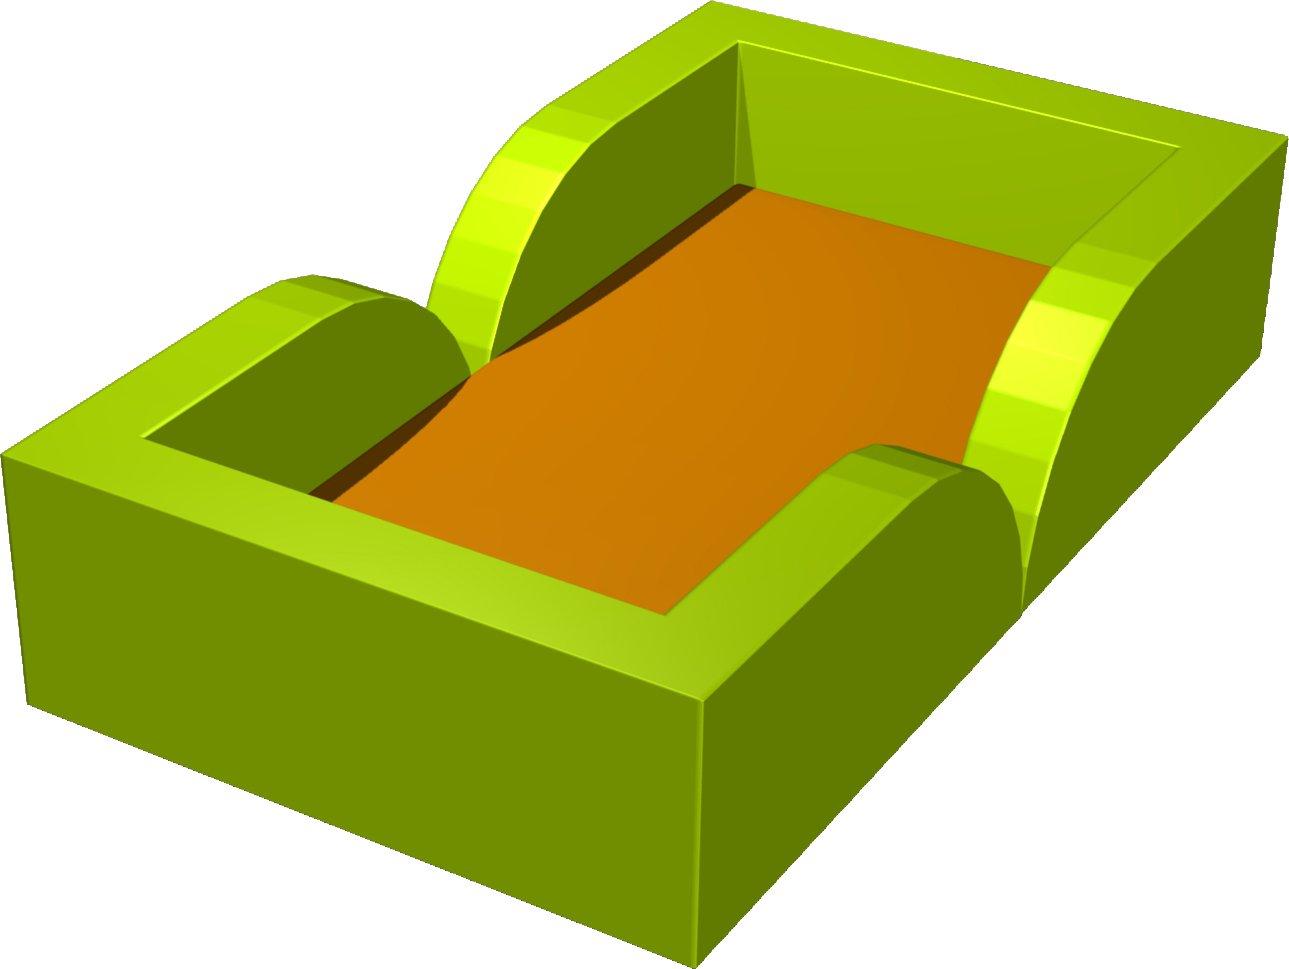 contour de matelas paisseur 10 120 x 70 x 30 cm compatible avec matelas 100 ref pue 7 1. Black Bedroom Furniture Sets. Home Design Ideas